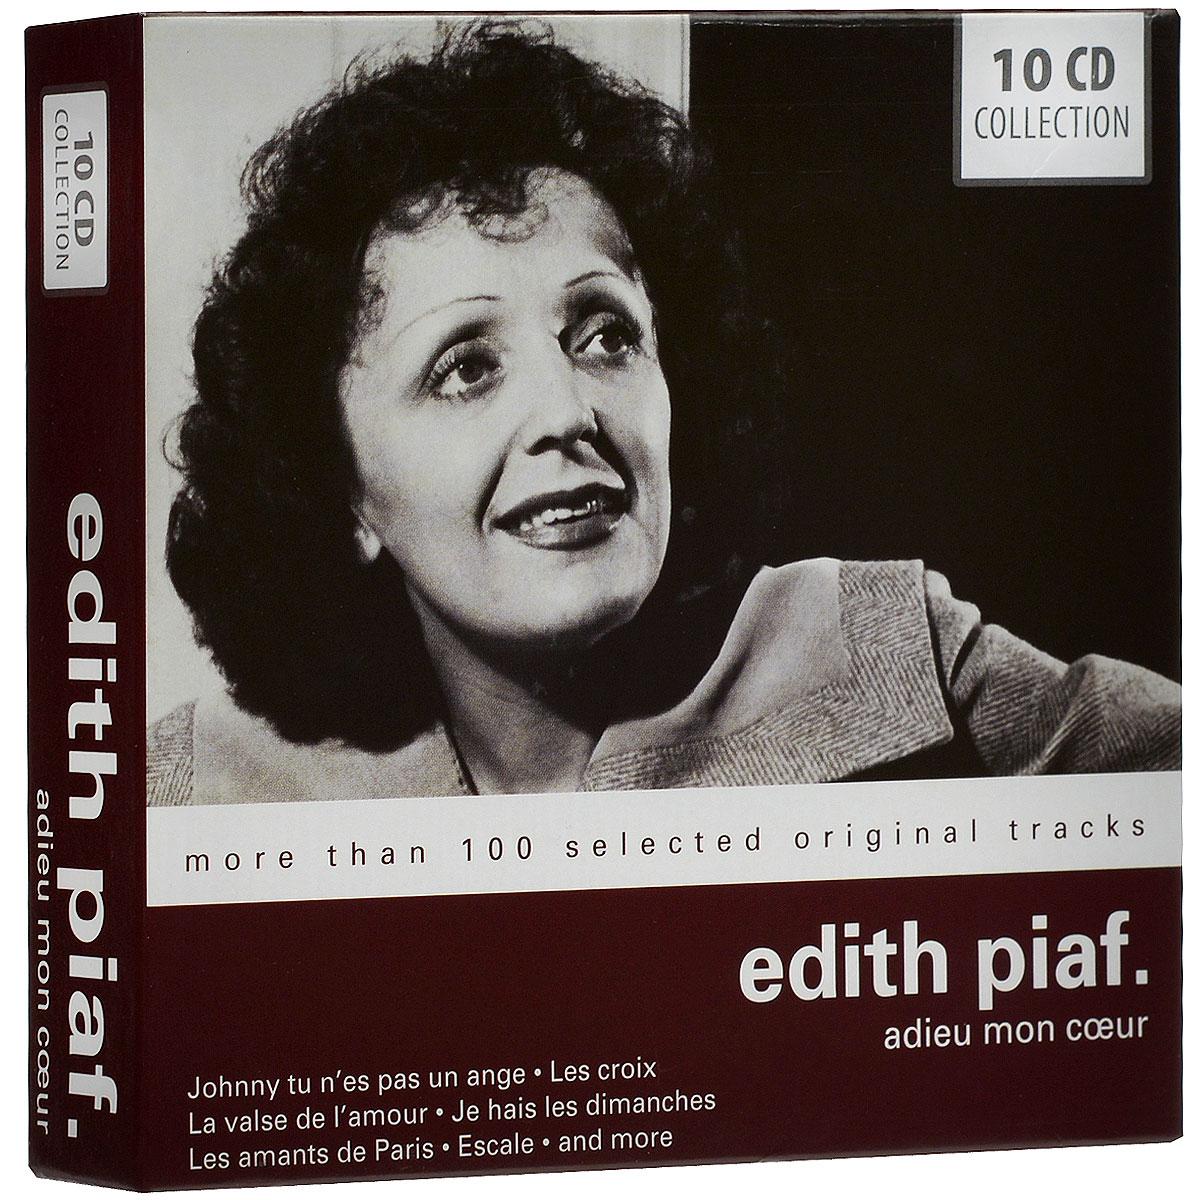 Edith Piaf. Adieu Mon Coeur (10 CD)